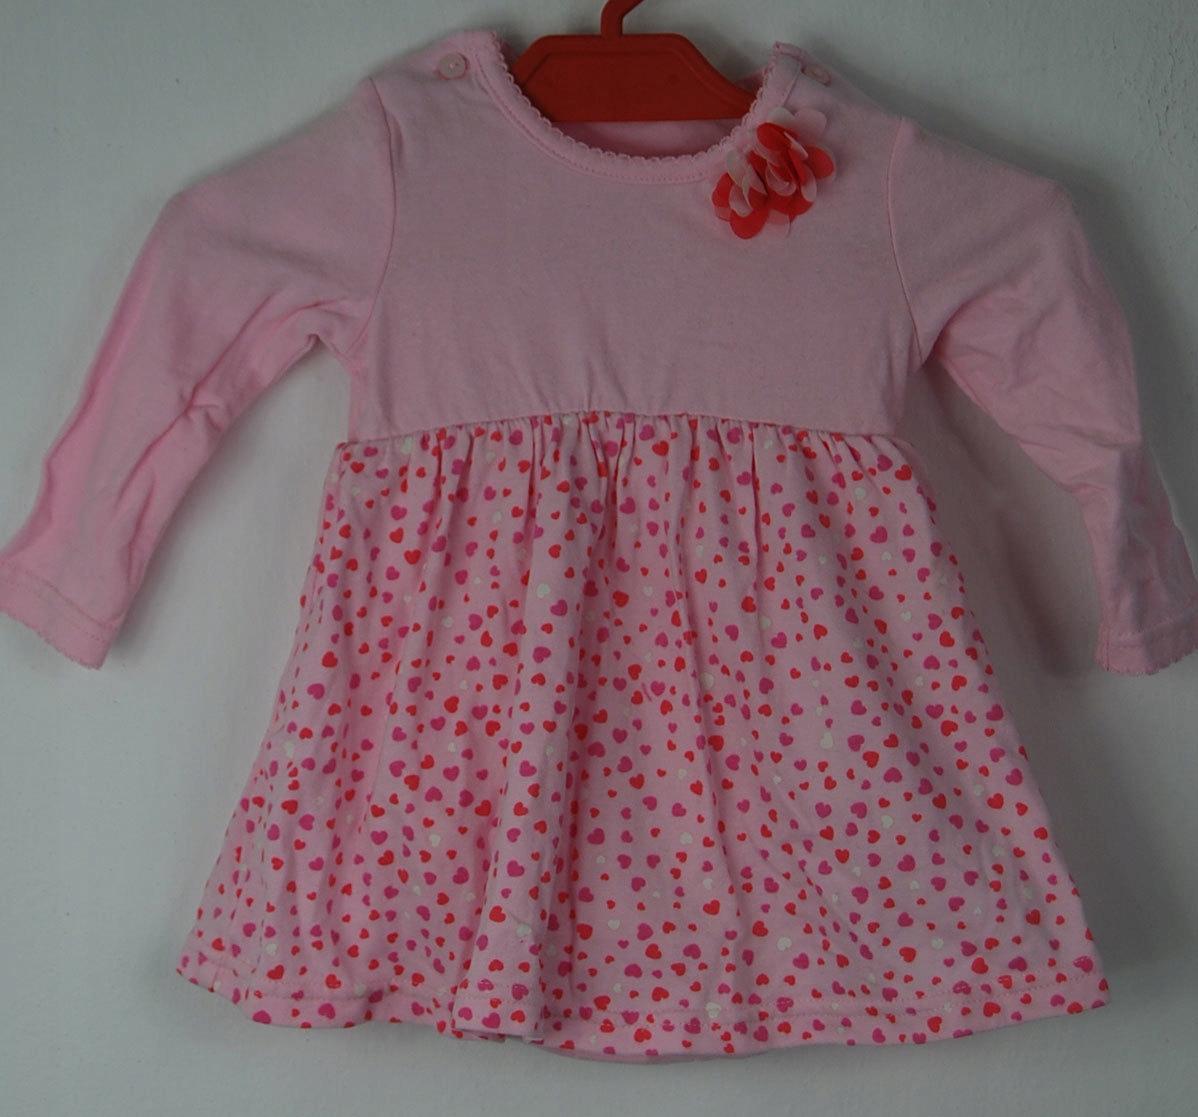 34c83bdbbd H M sukienka body 62 cm różowa serduszka - 7617874701 - oficjalne ...